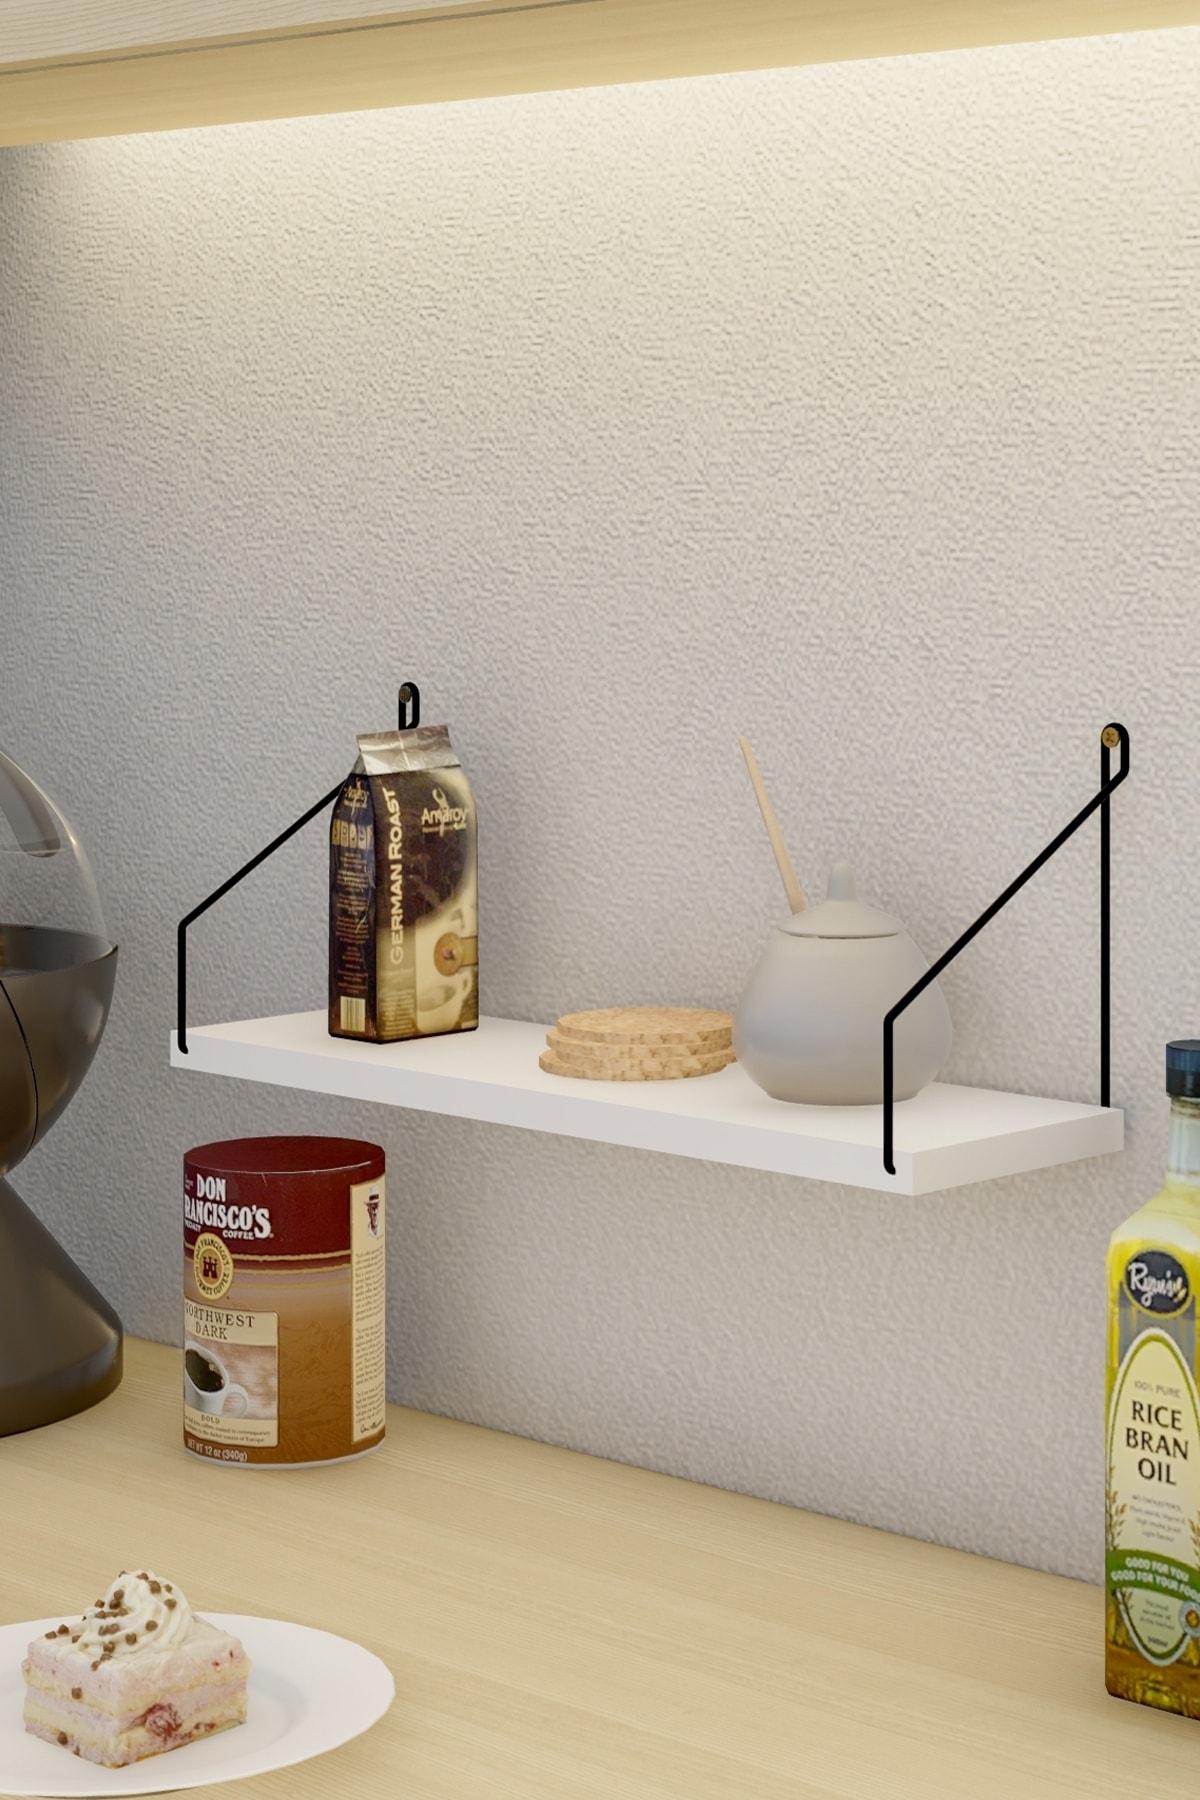 Catchme Duvar Rafı Kitaplık Mutfak Banyo Yaşam Alanı 3 Lü Set 15x55 Cm